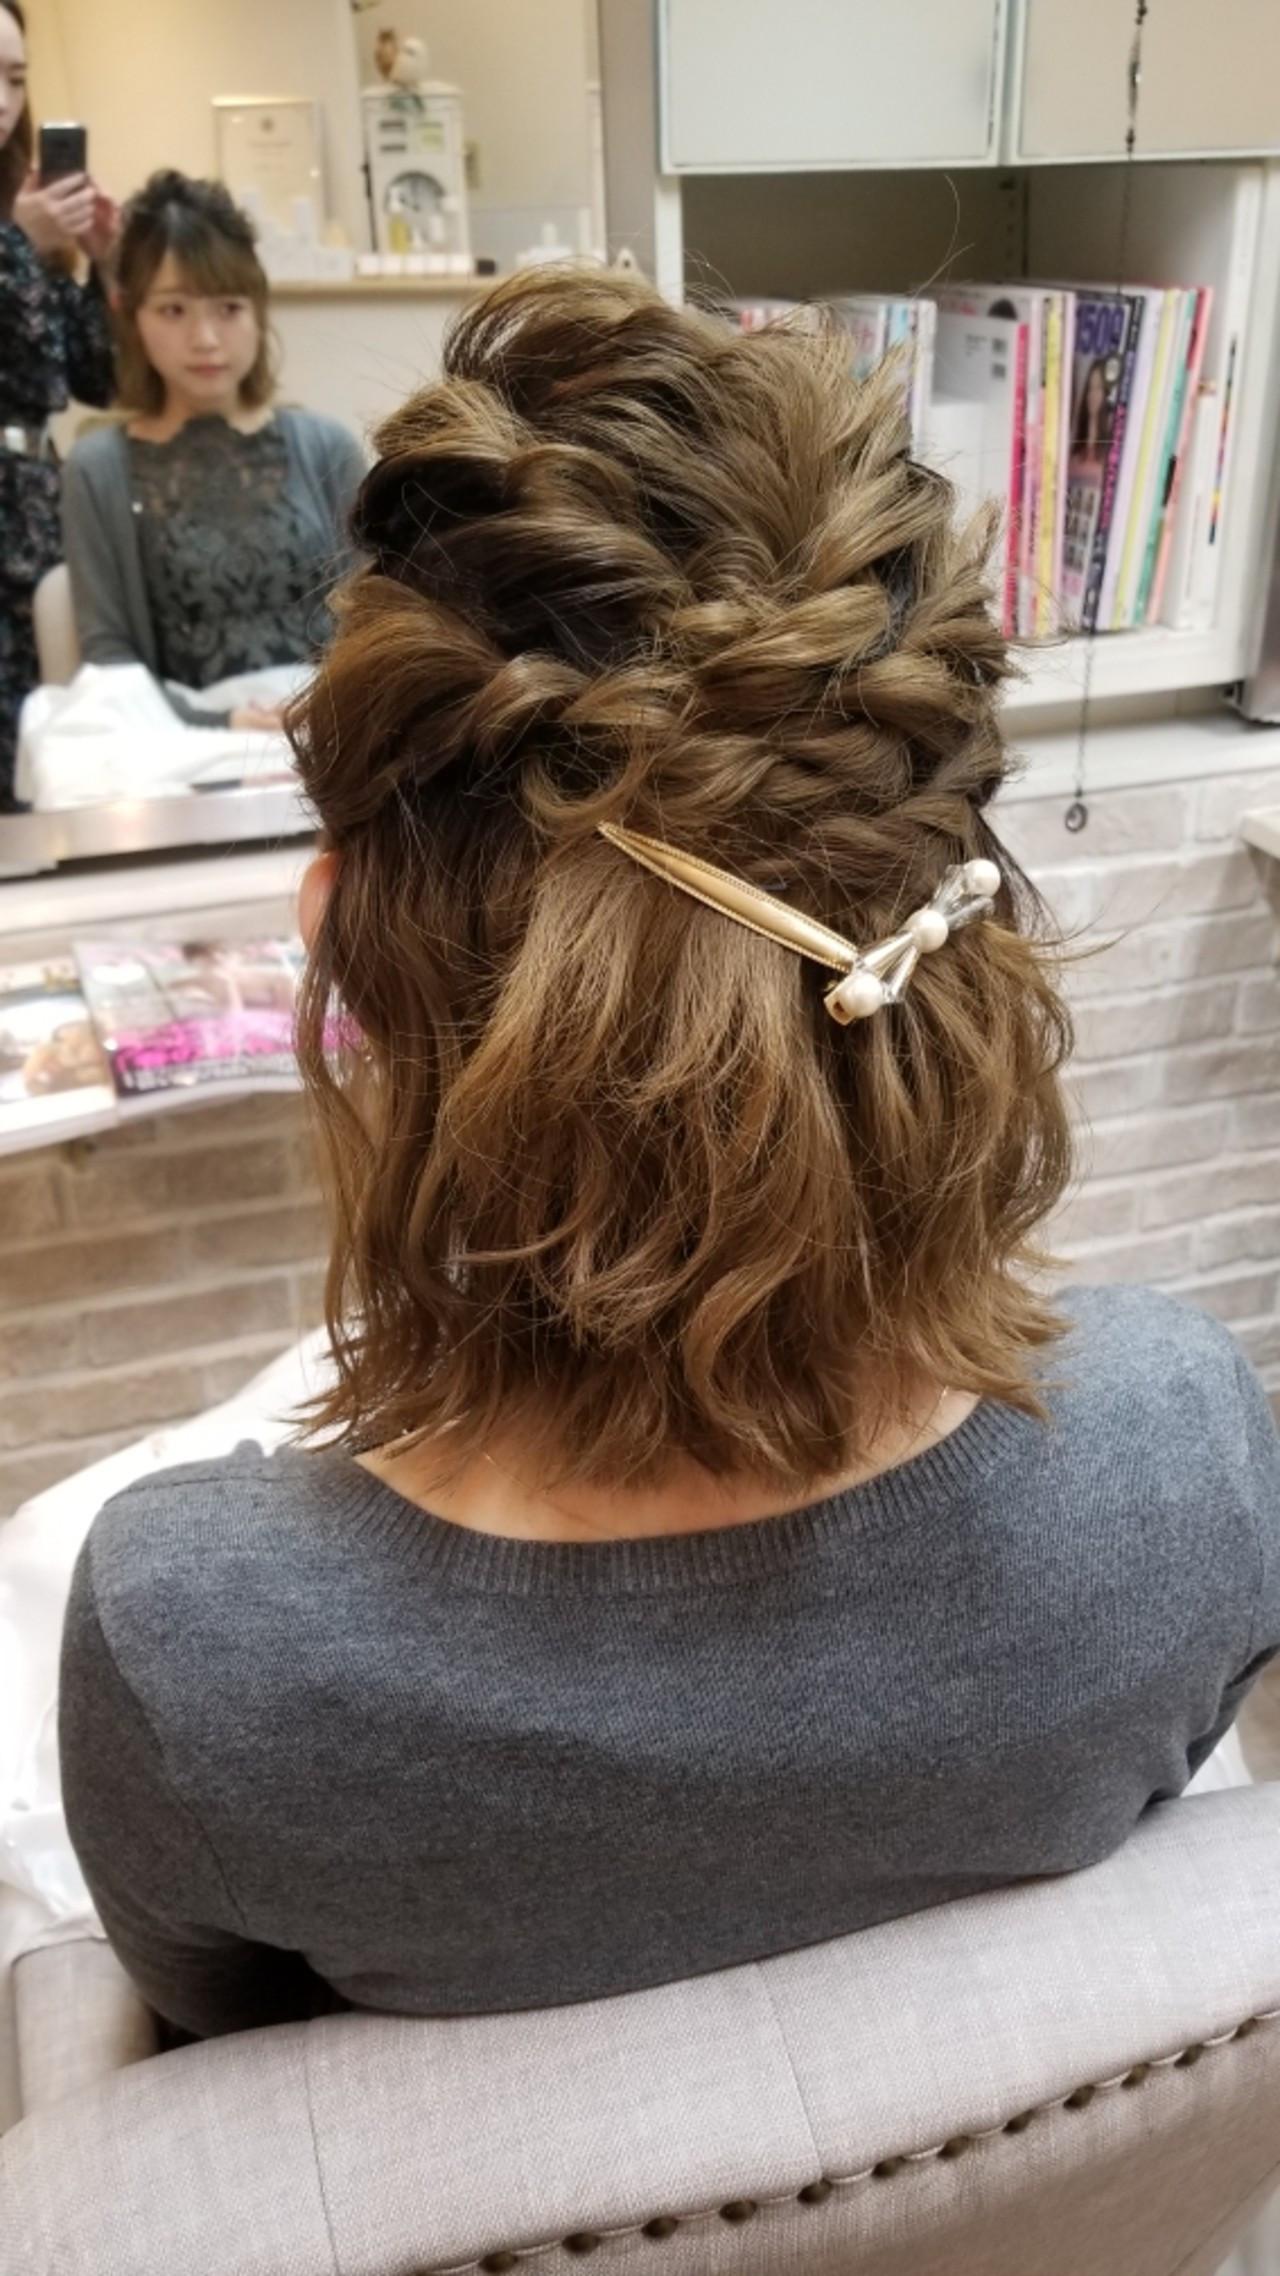 ハーフアップ 結婚式 ガーリー ヘアアレンジ ヘアスタイルや髪型の写真・画像